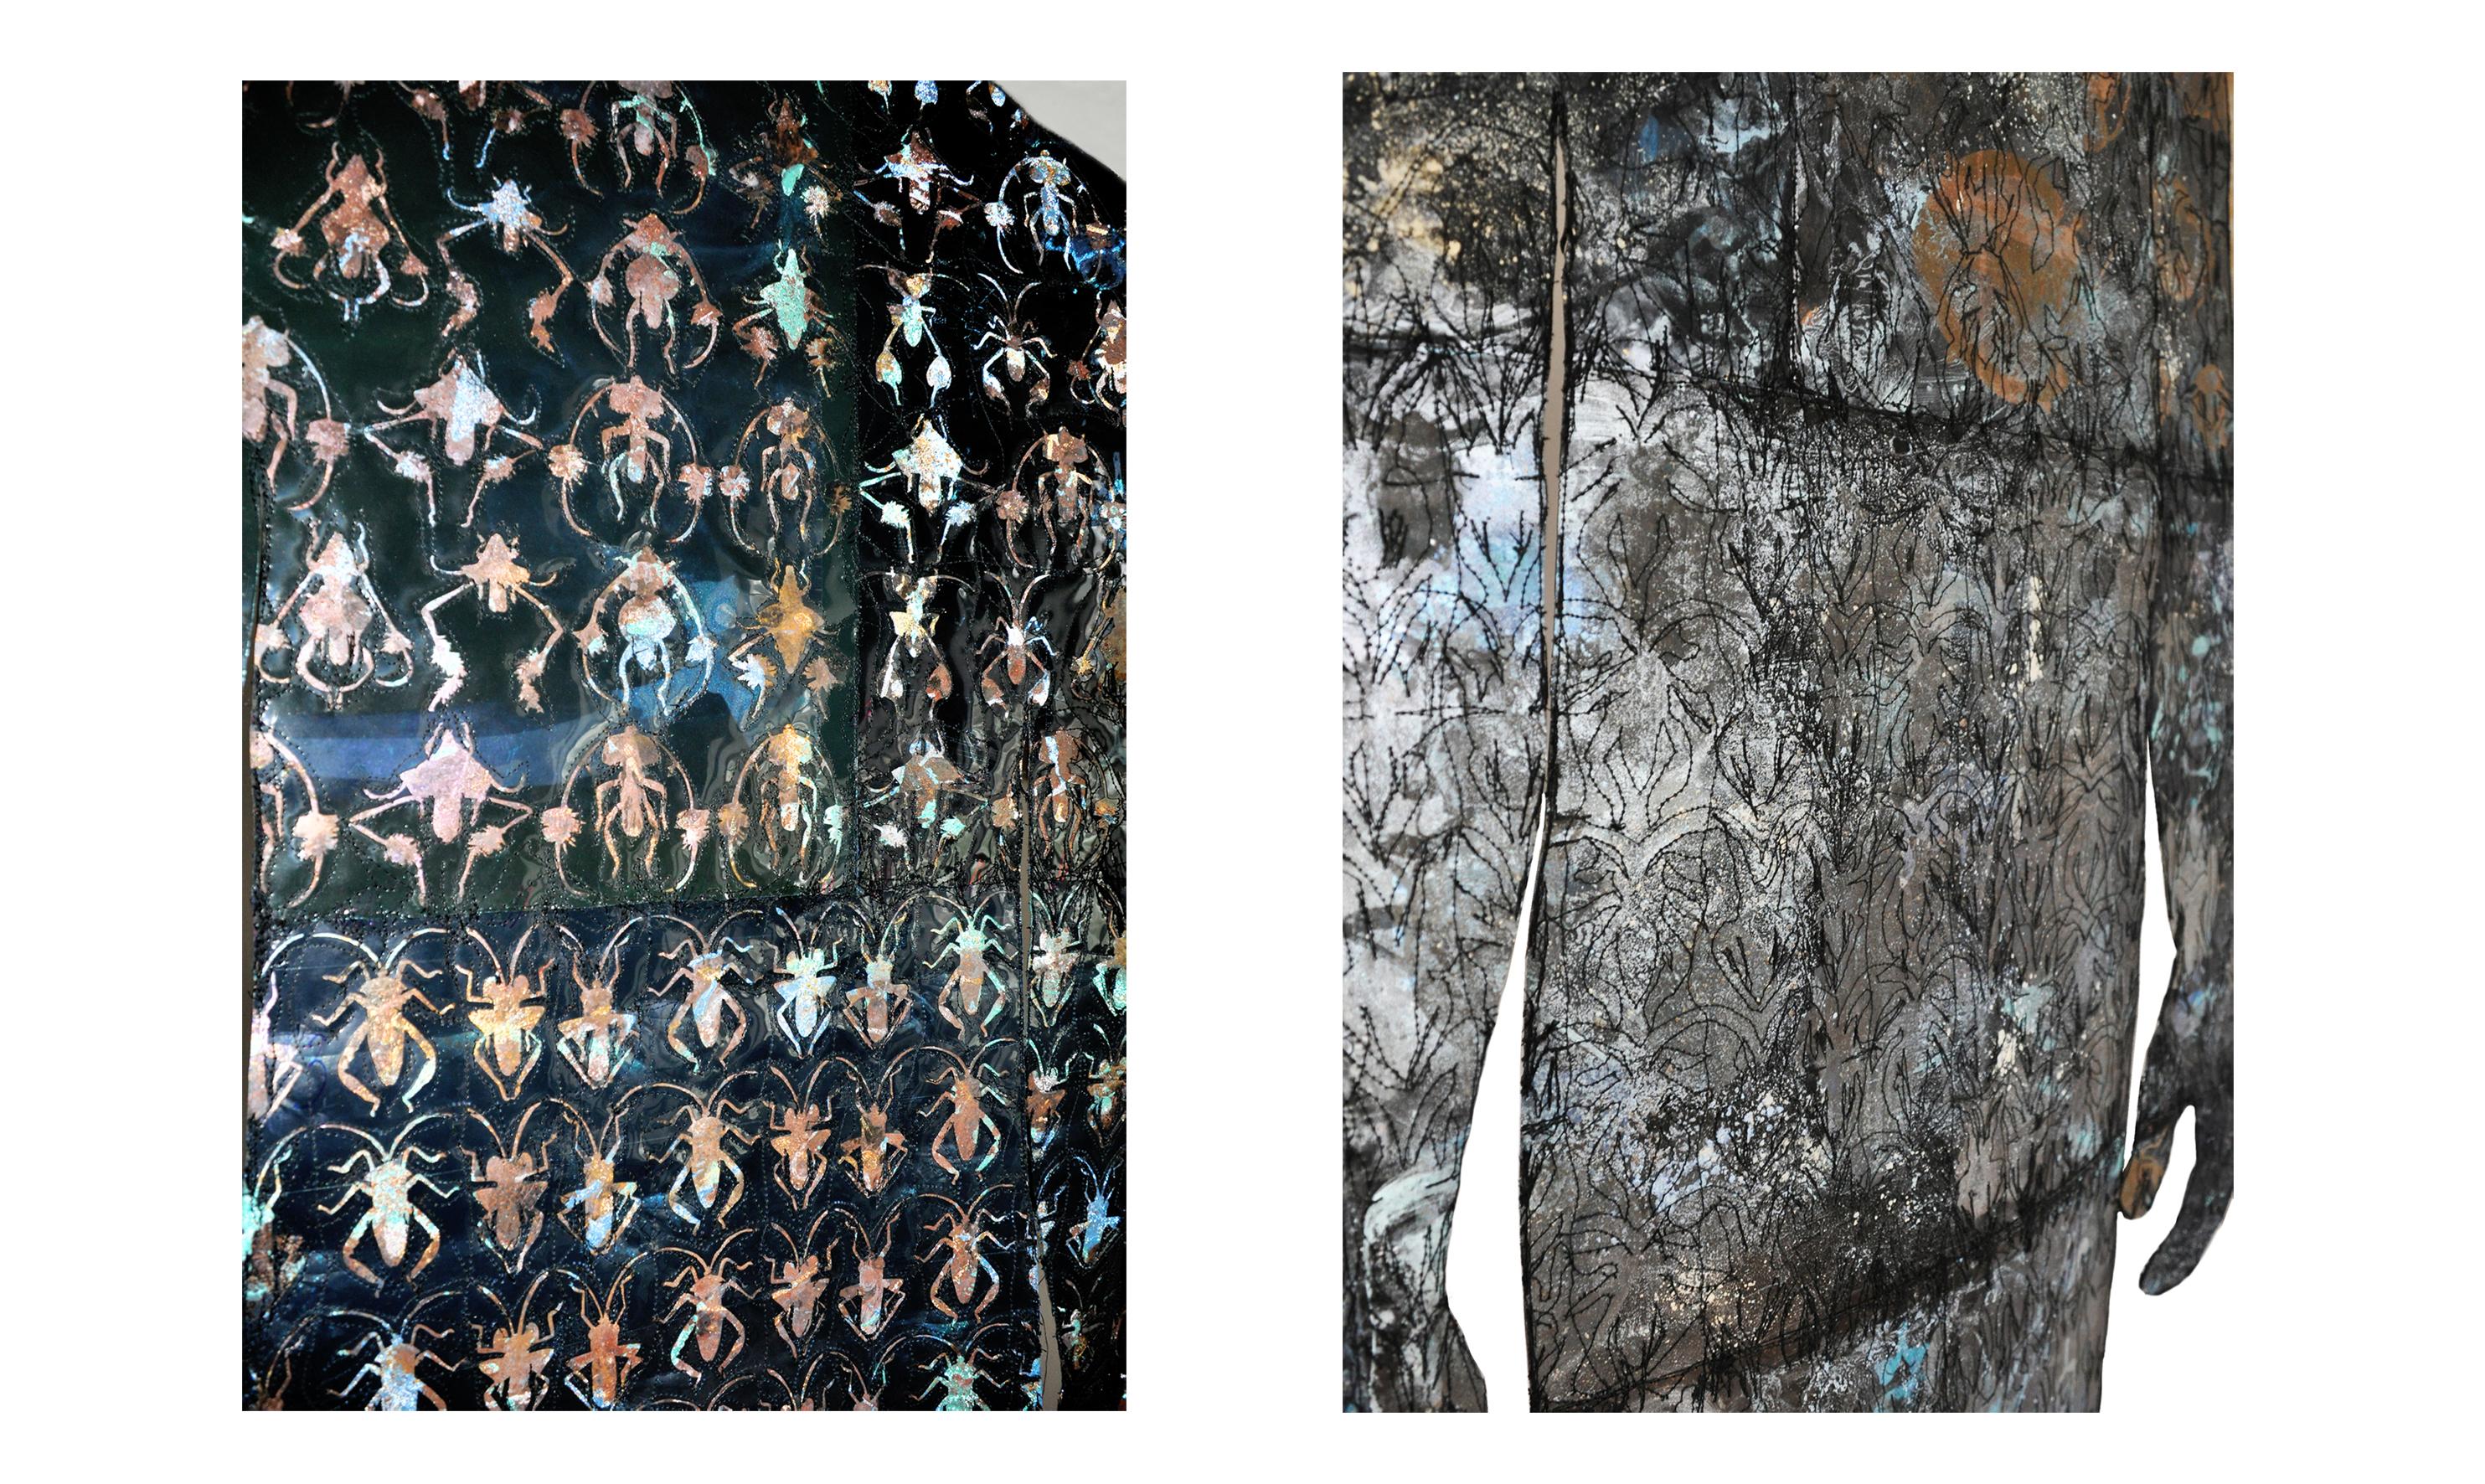 04_B-Amarger_artiste_2018_entomologiste-865-detail recto&verso